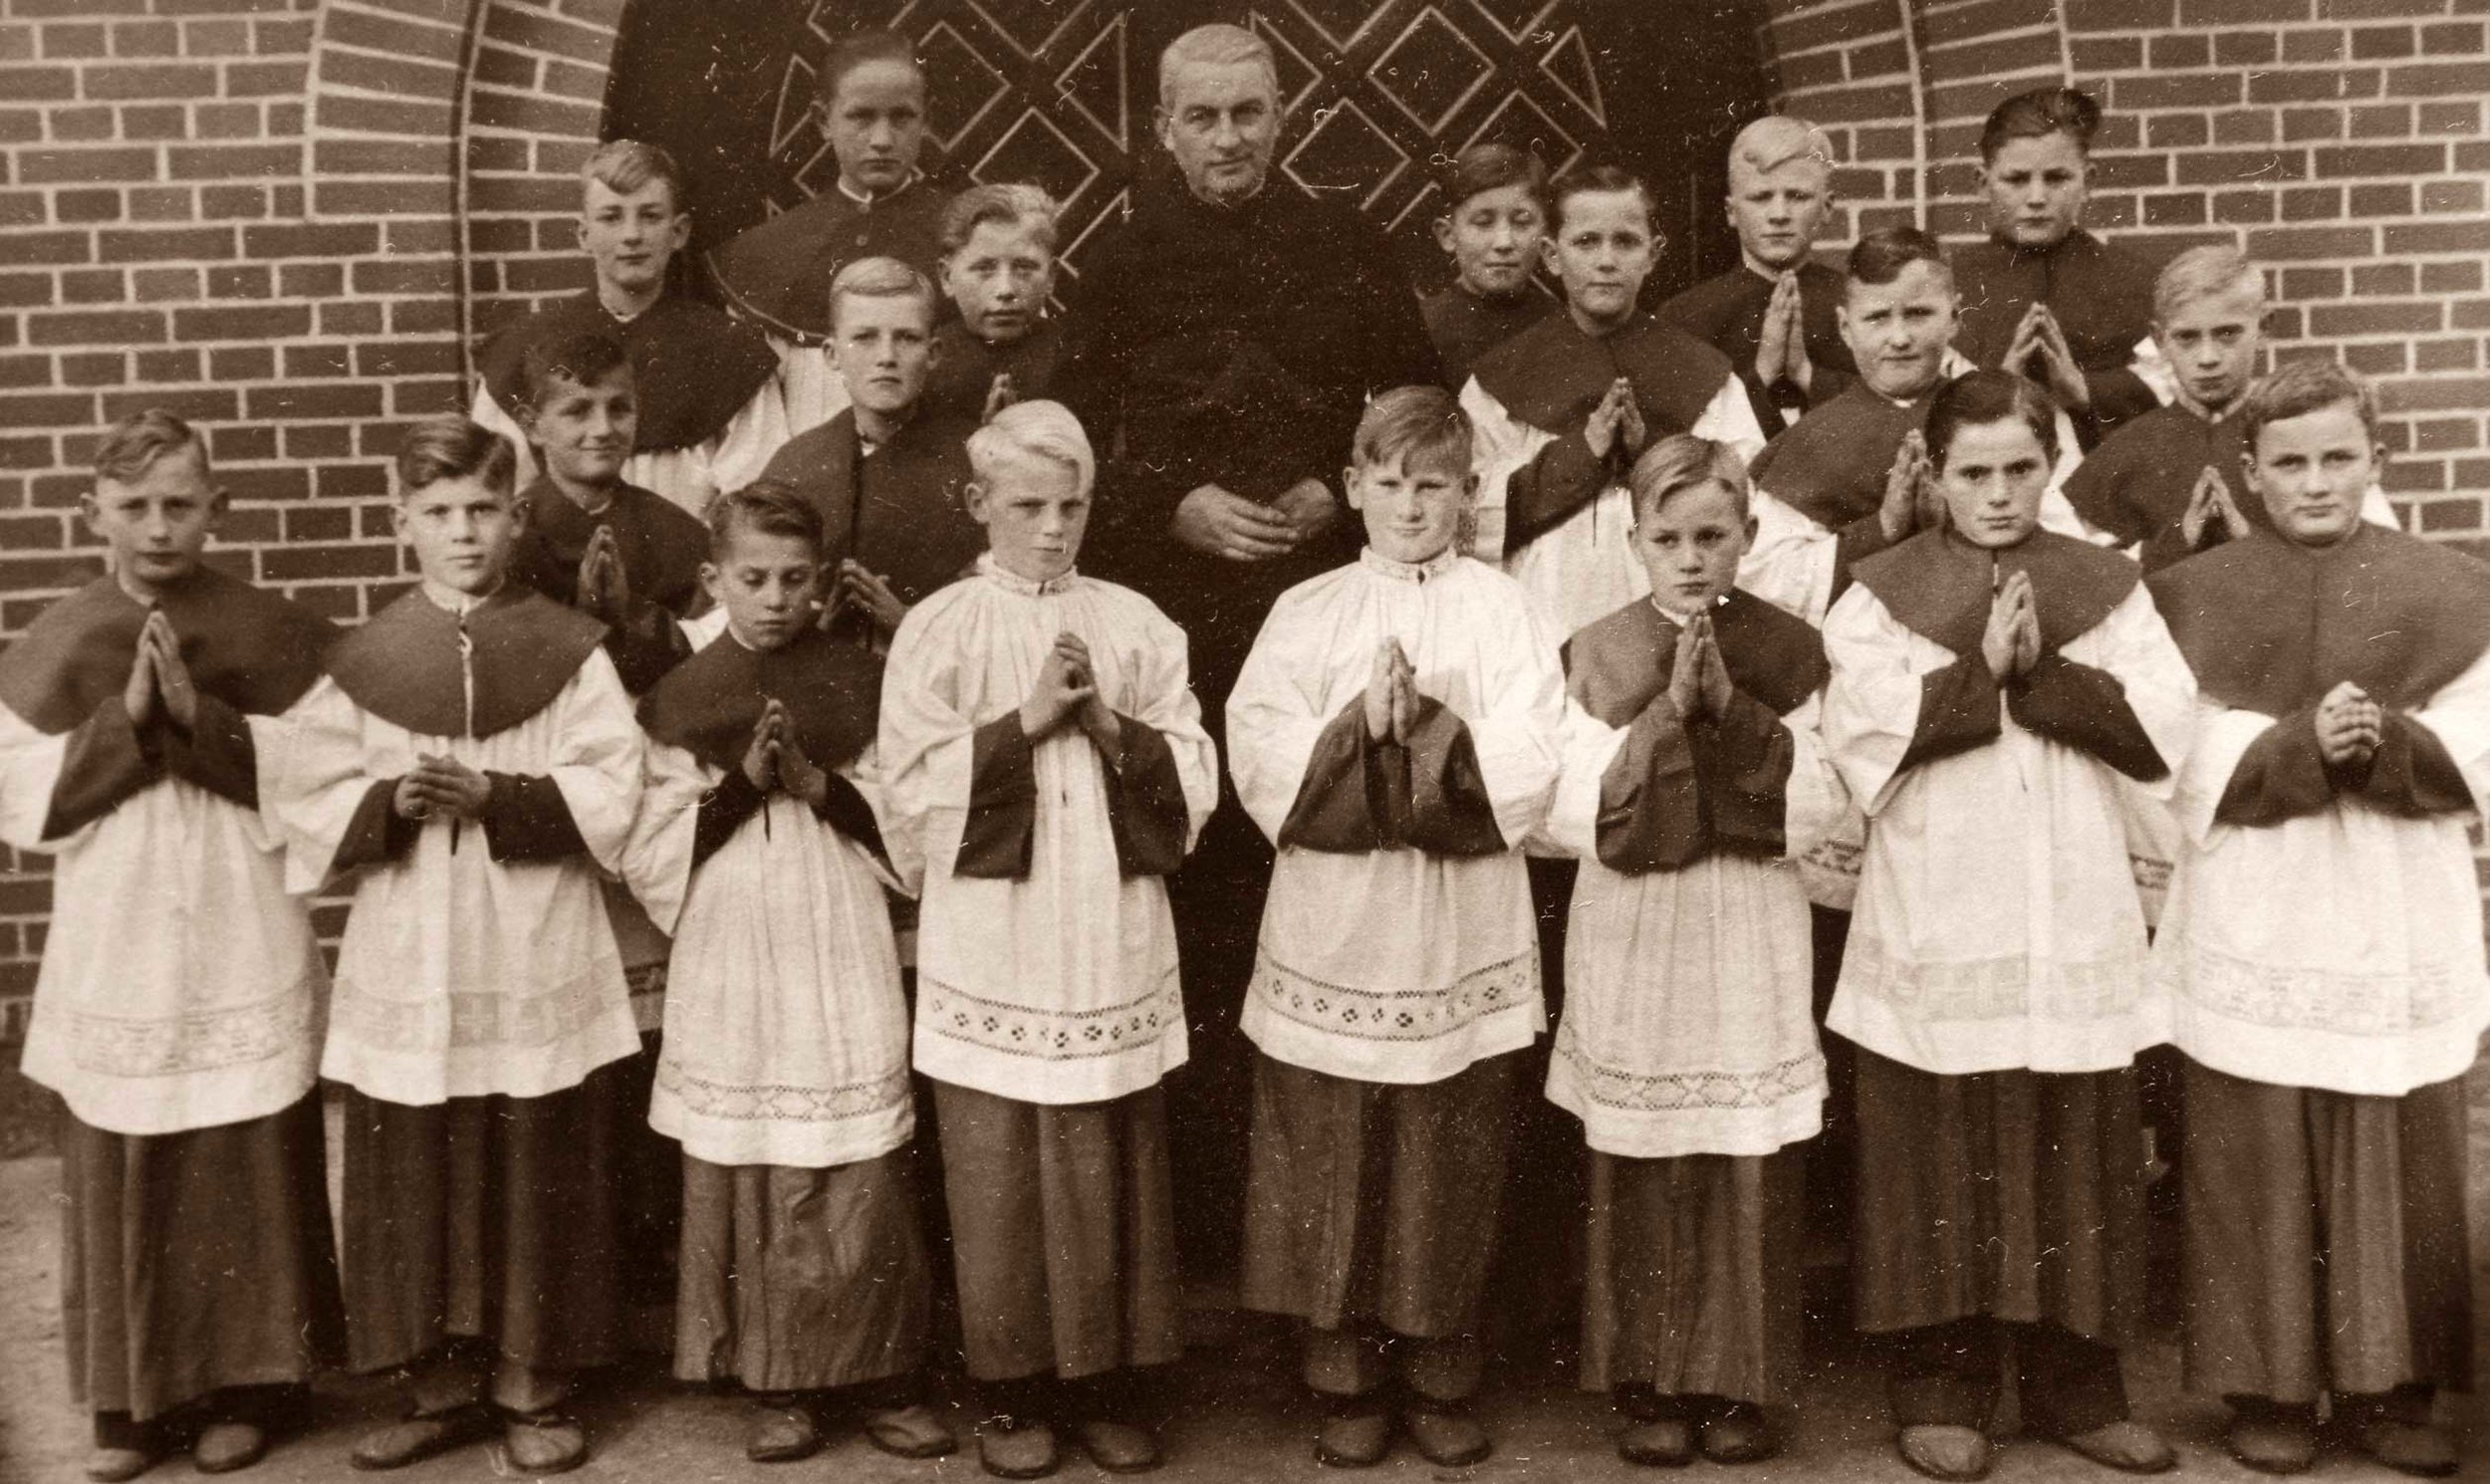 Unser Foto zeigt eine 60 Jahre alte Aufnahme damaliger Eggermühlener Meßdiener mit Pastor Schepper. Repro: Georg Geers